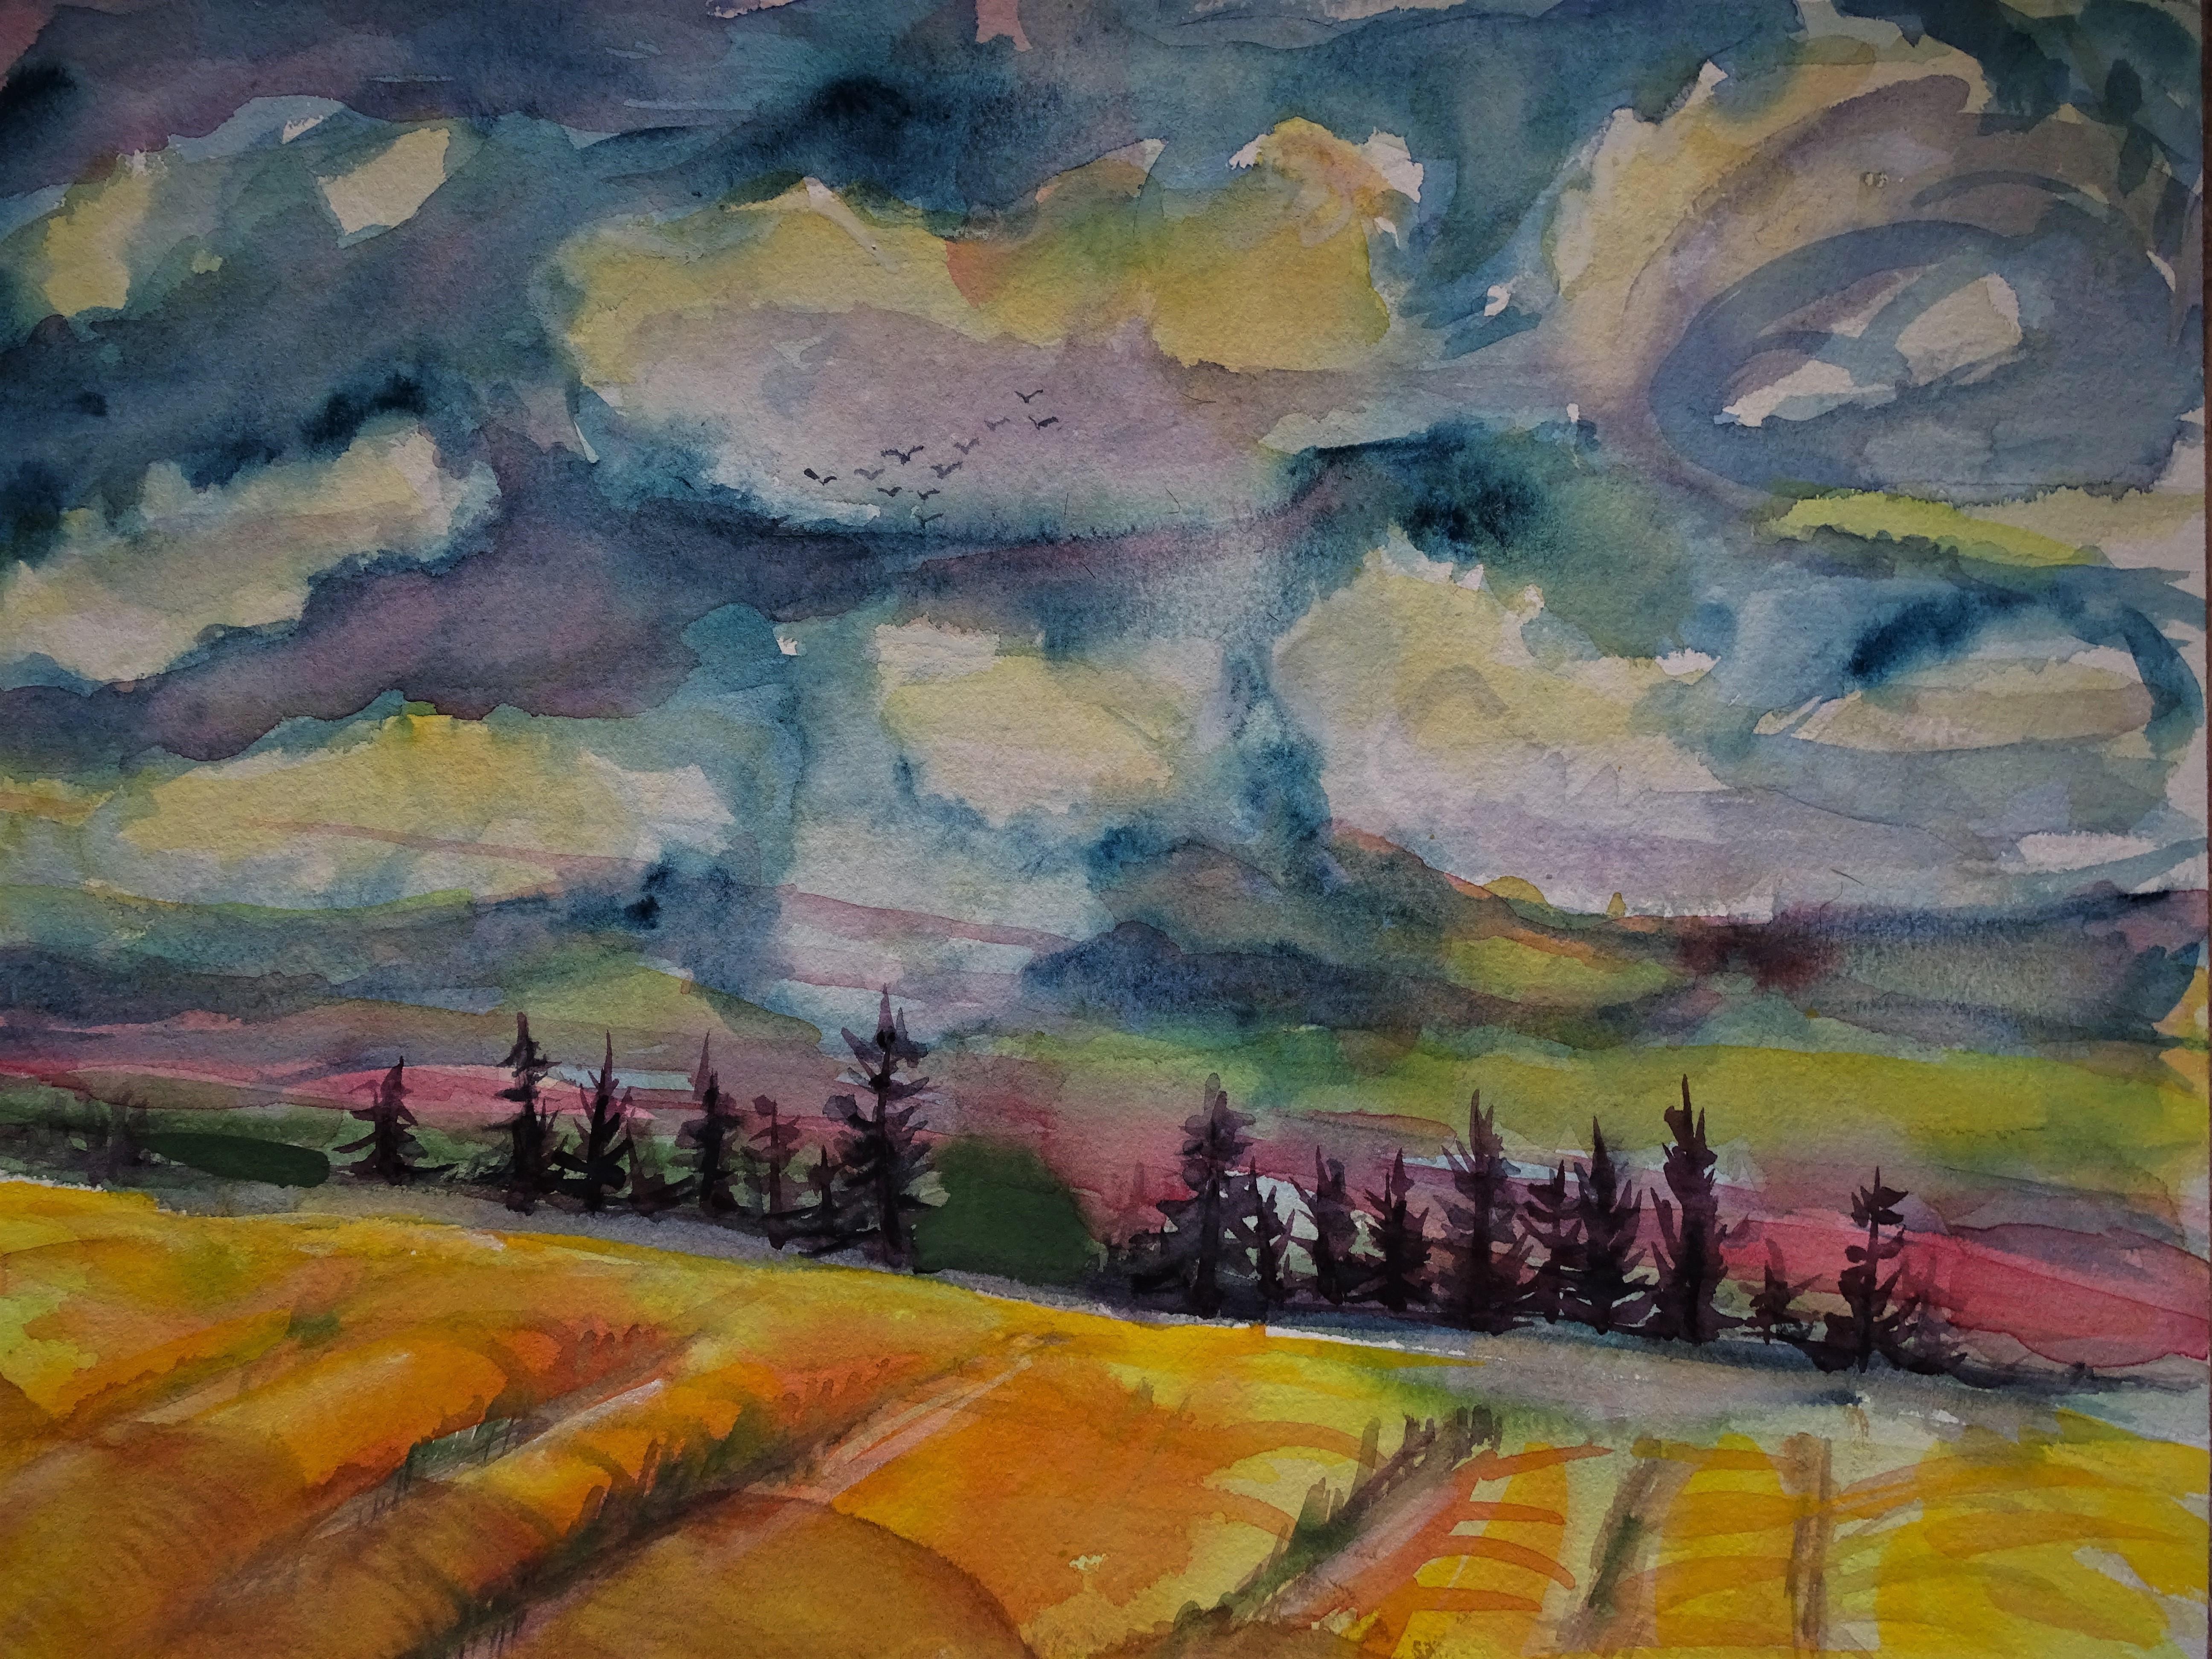 2-Niederbayerische-Landschaft-Malerei-Nadia-Baumgart